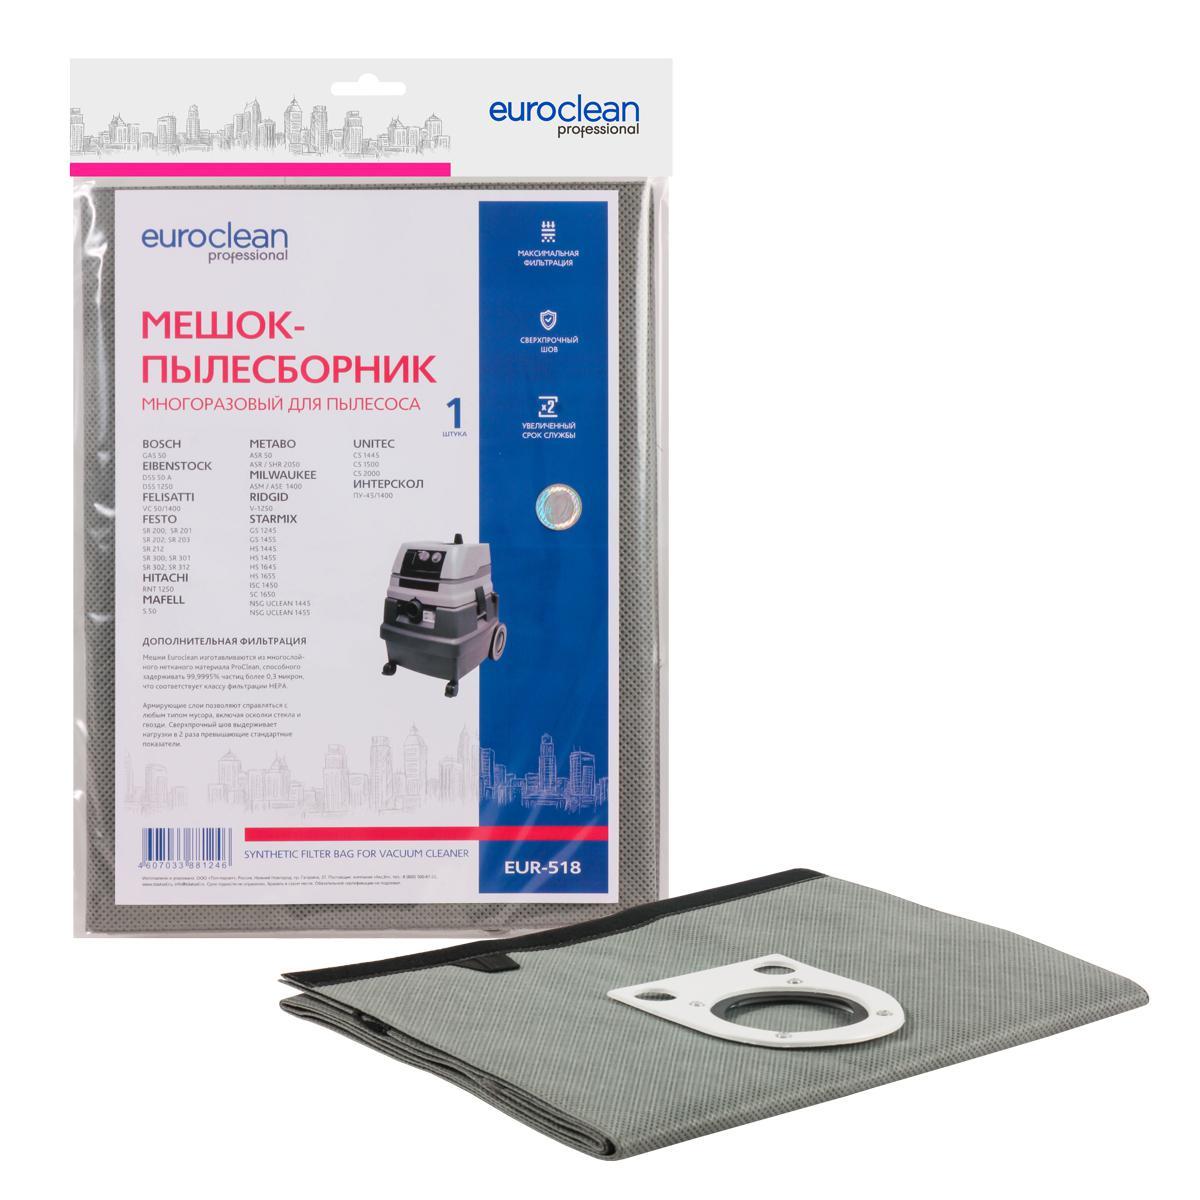 Мешок Euro clean Eur-518 фильтр euro clean eur khpm wd2000